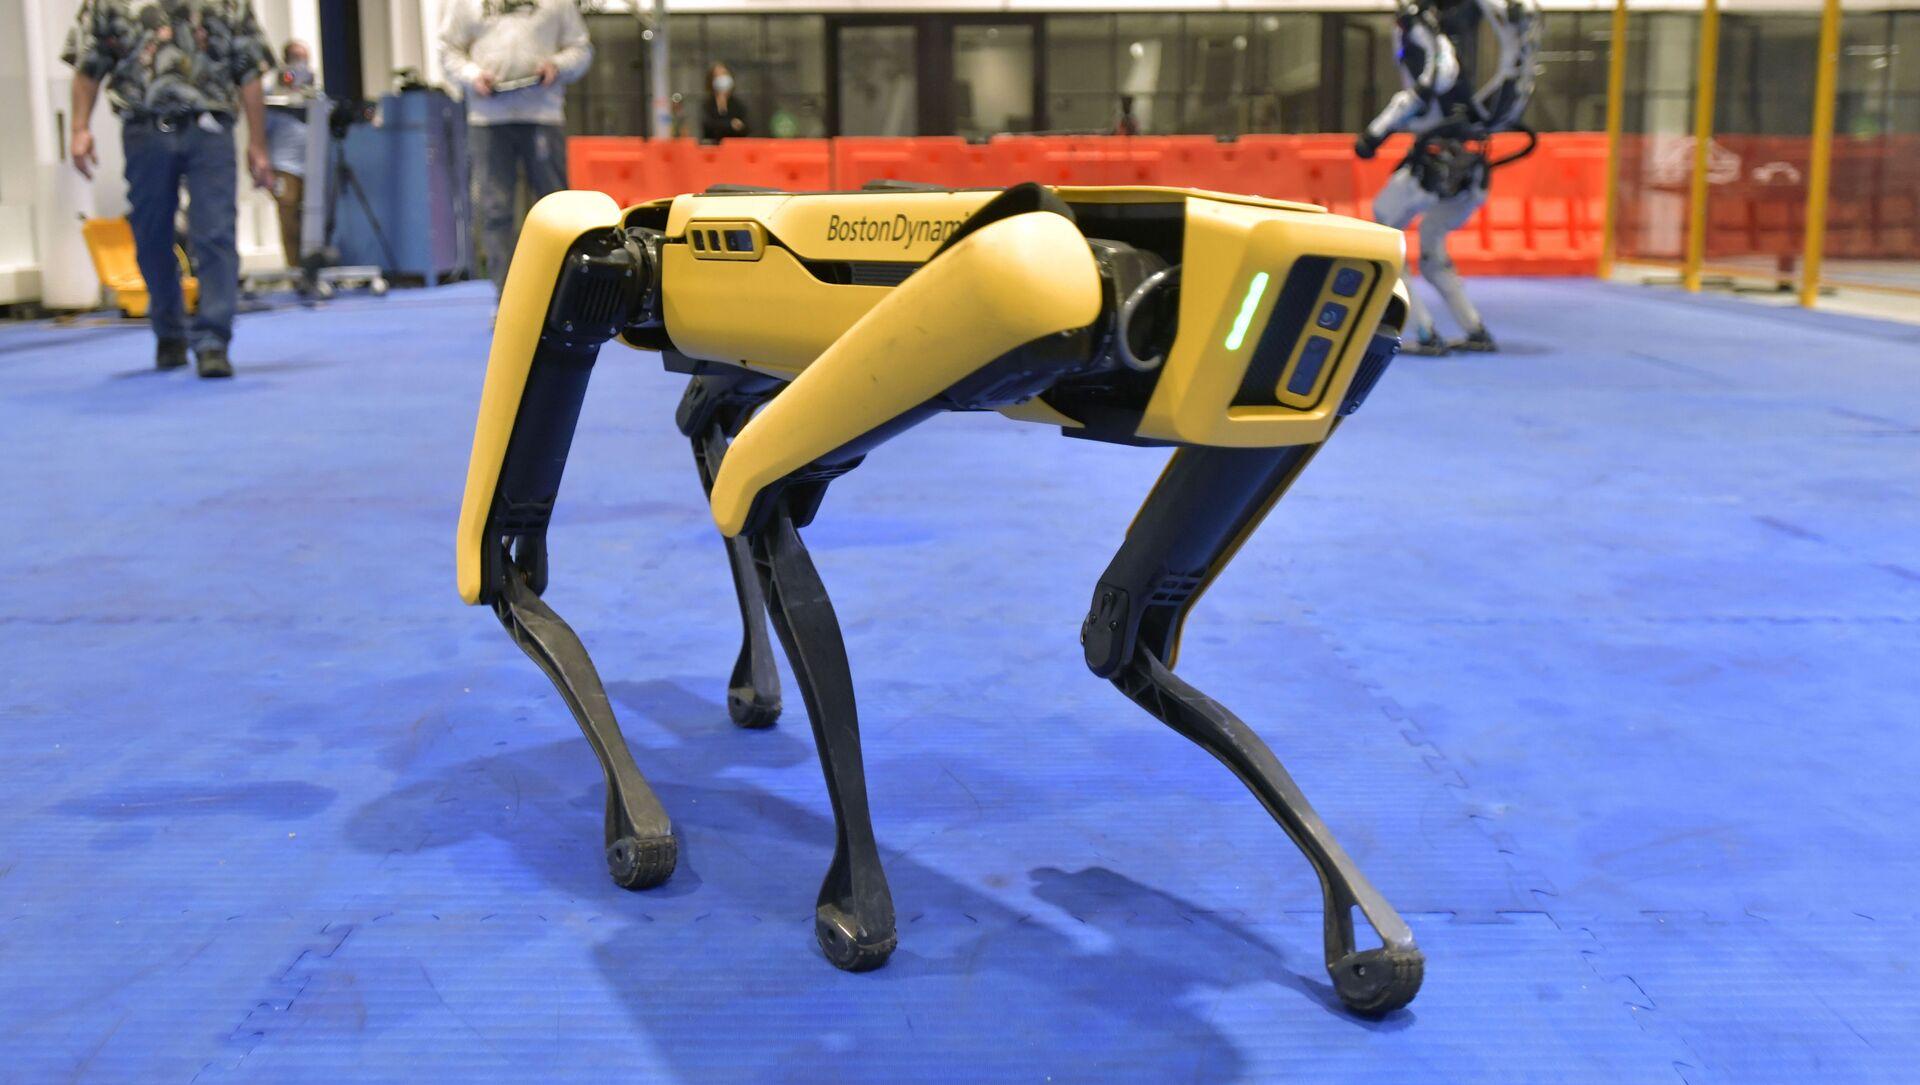 Полиция Нью-Йорка уволила со службы собаку-робота - Sputnik Беларусь, 1920, 29.04.2021